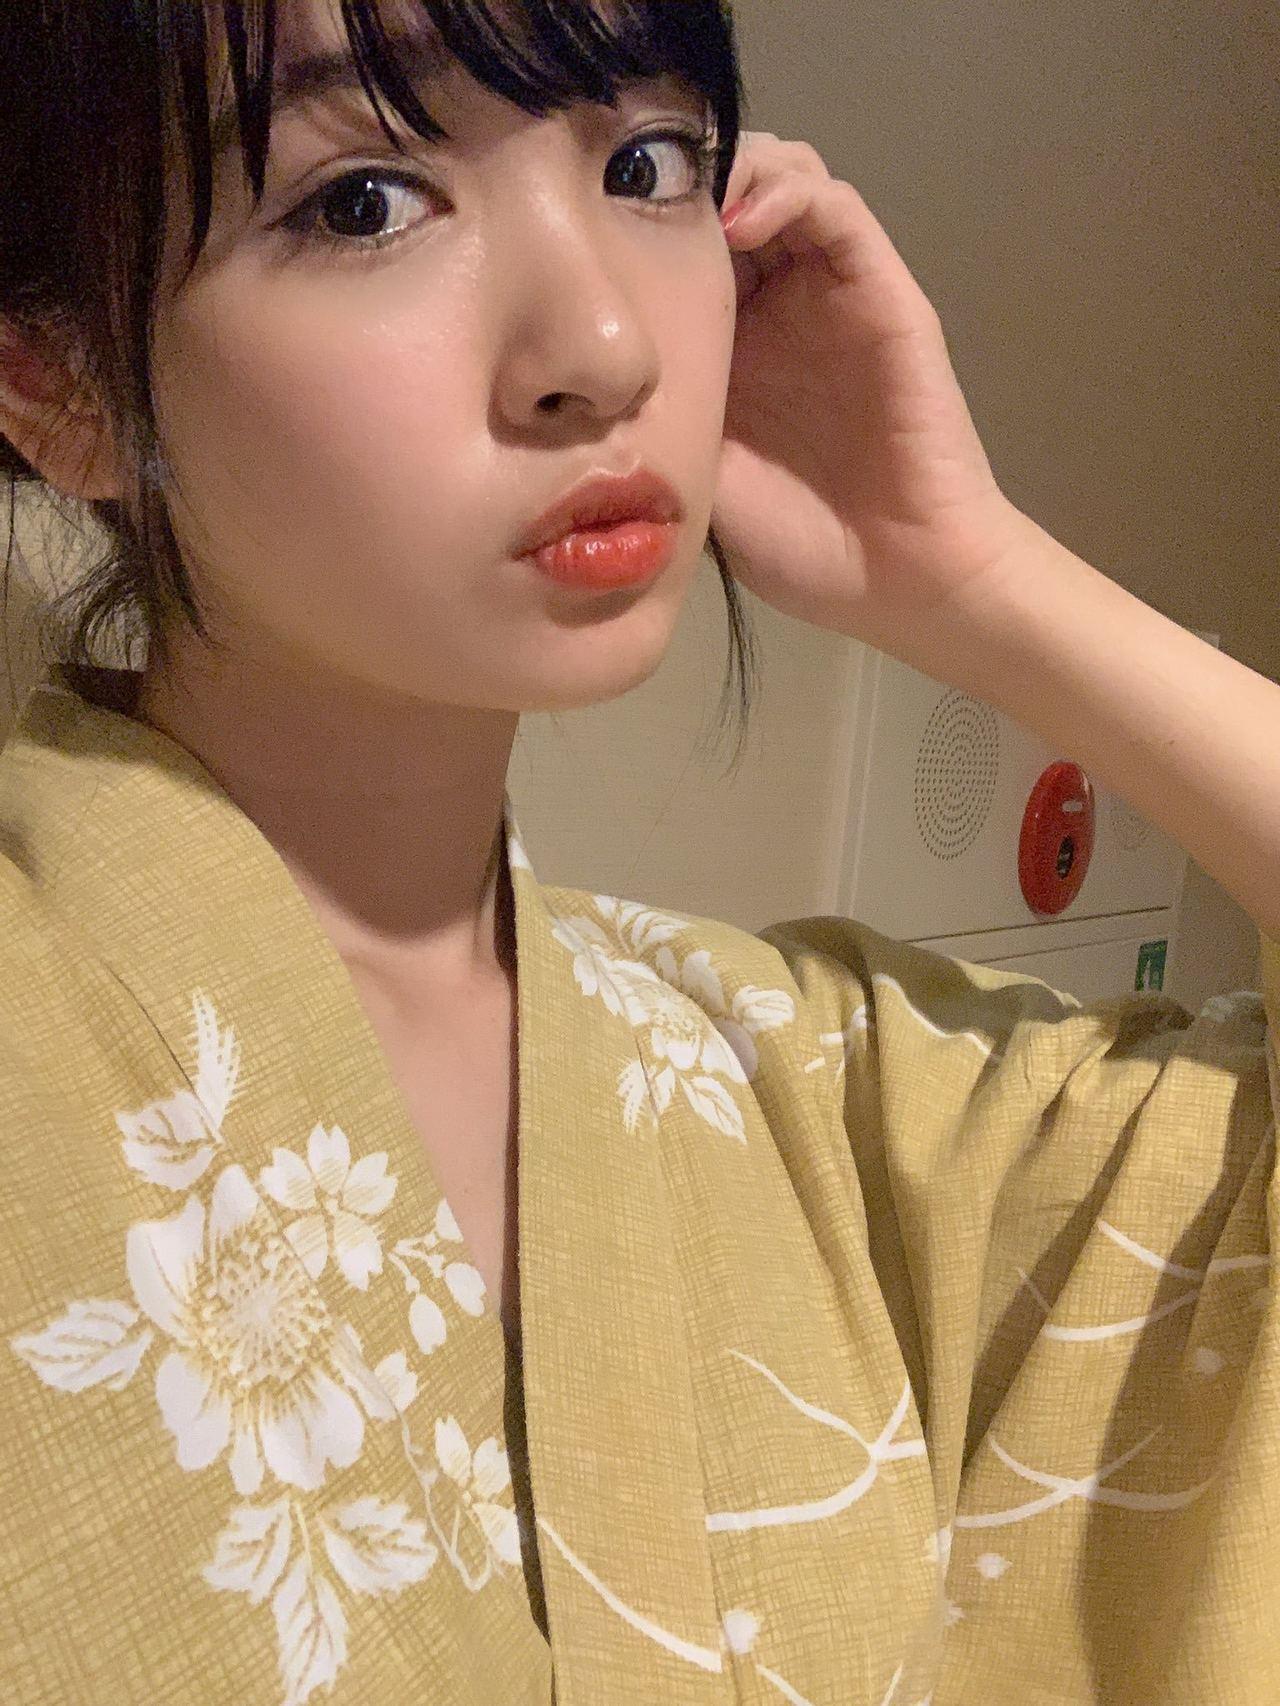 早稻田大學出身的望月優夢,興趣是電影、看書、跳舞,將來想成為女主播。 圖擷自望月...